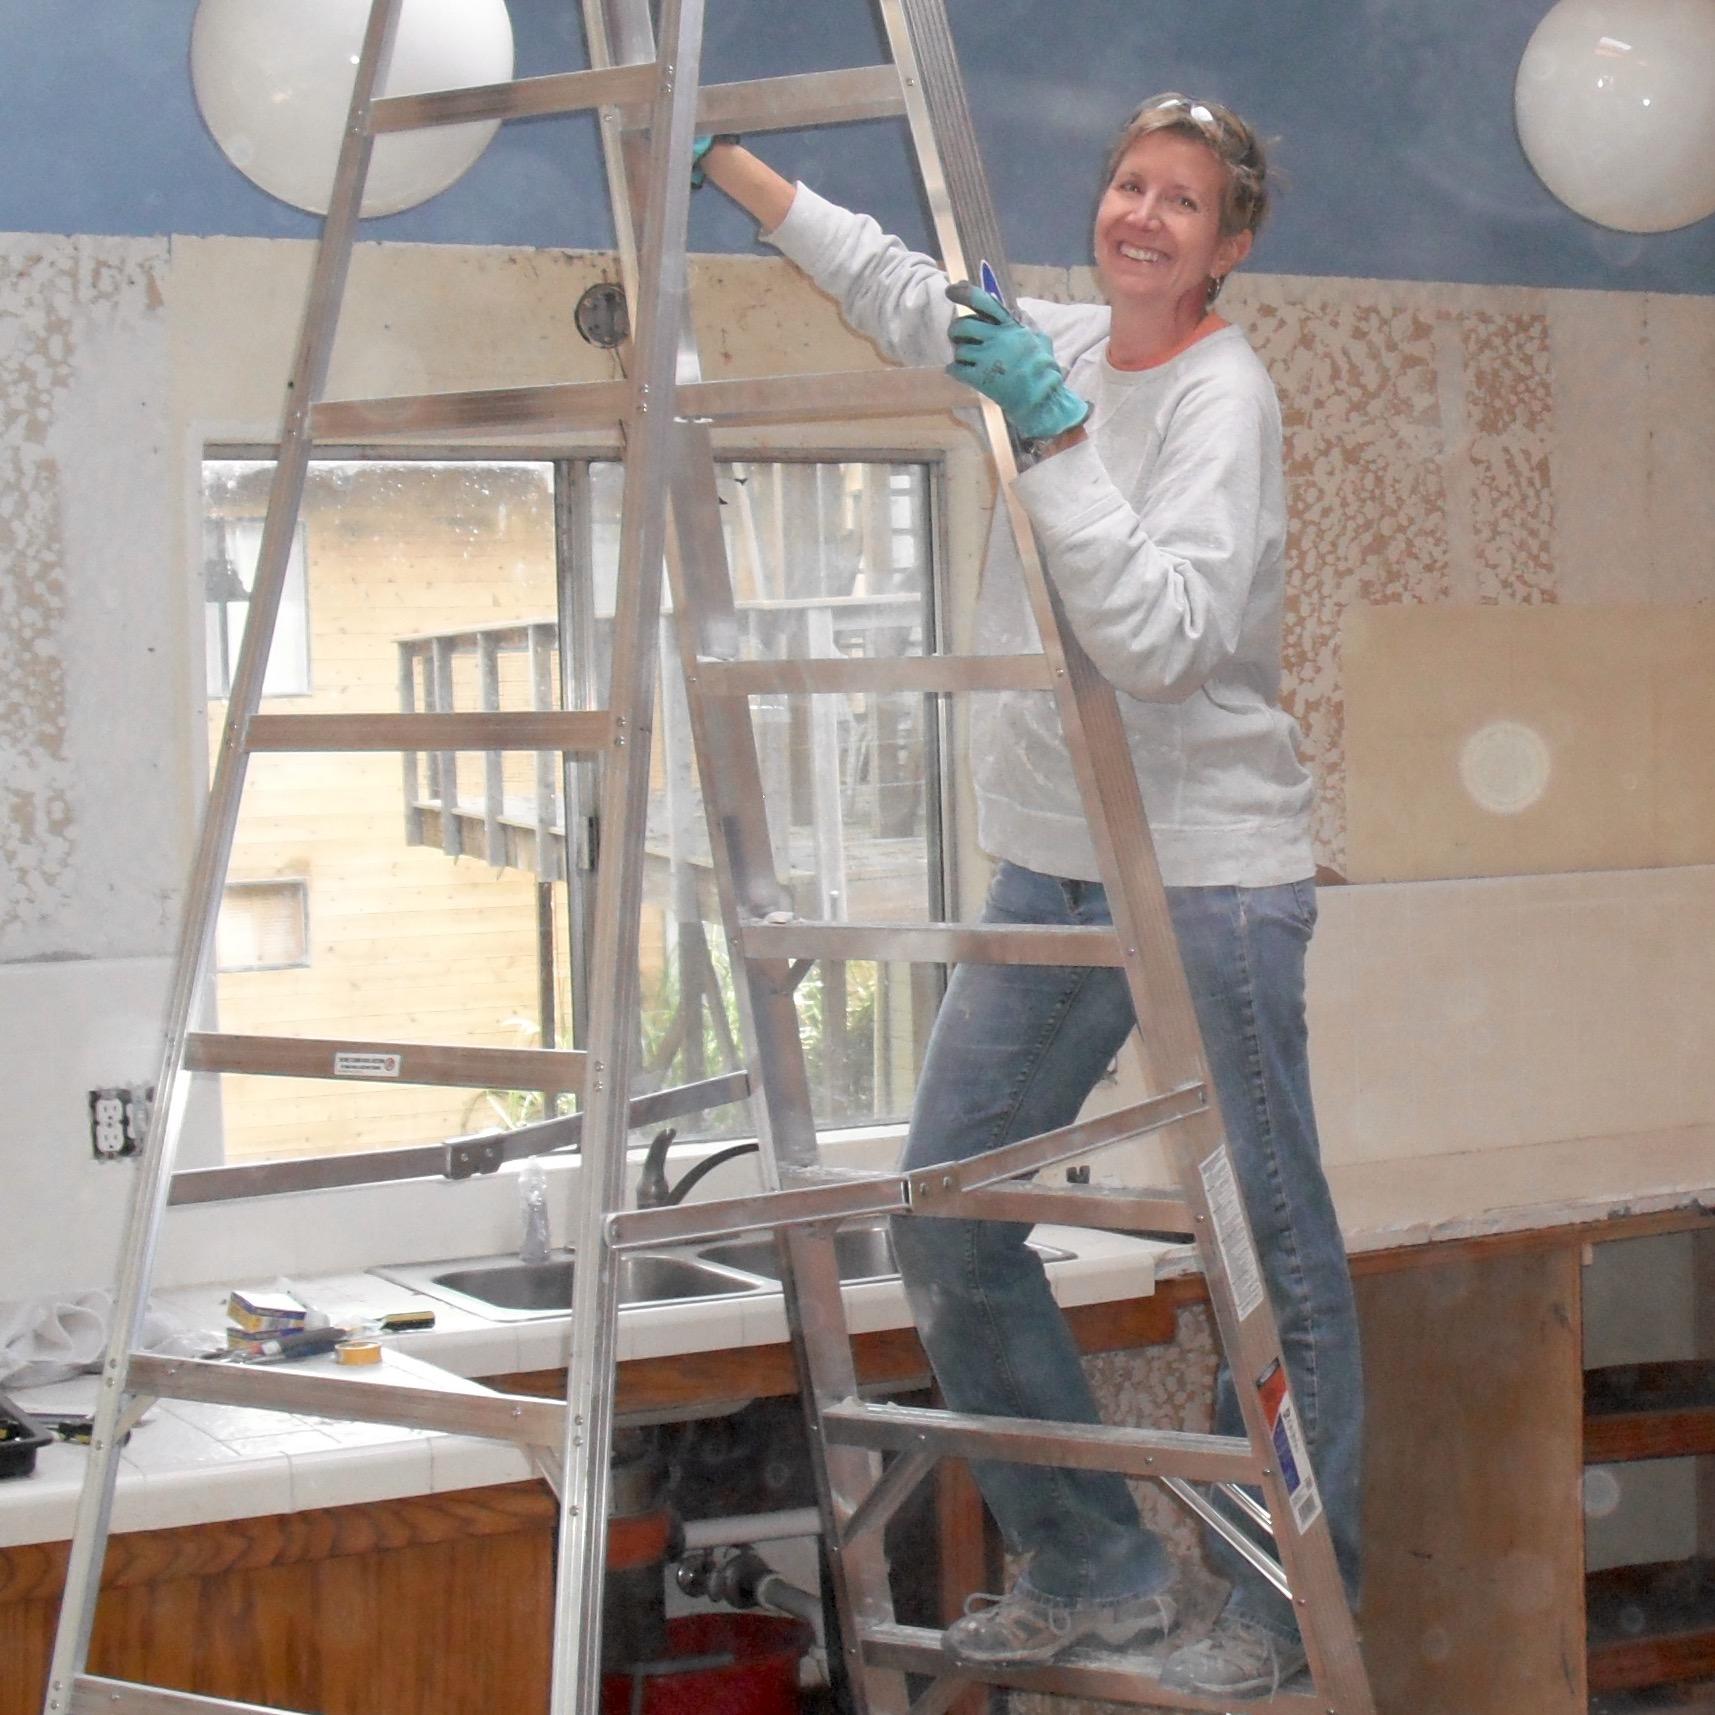 1134 Demo_ Kitchen featuring Maria hard at work.jpg